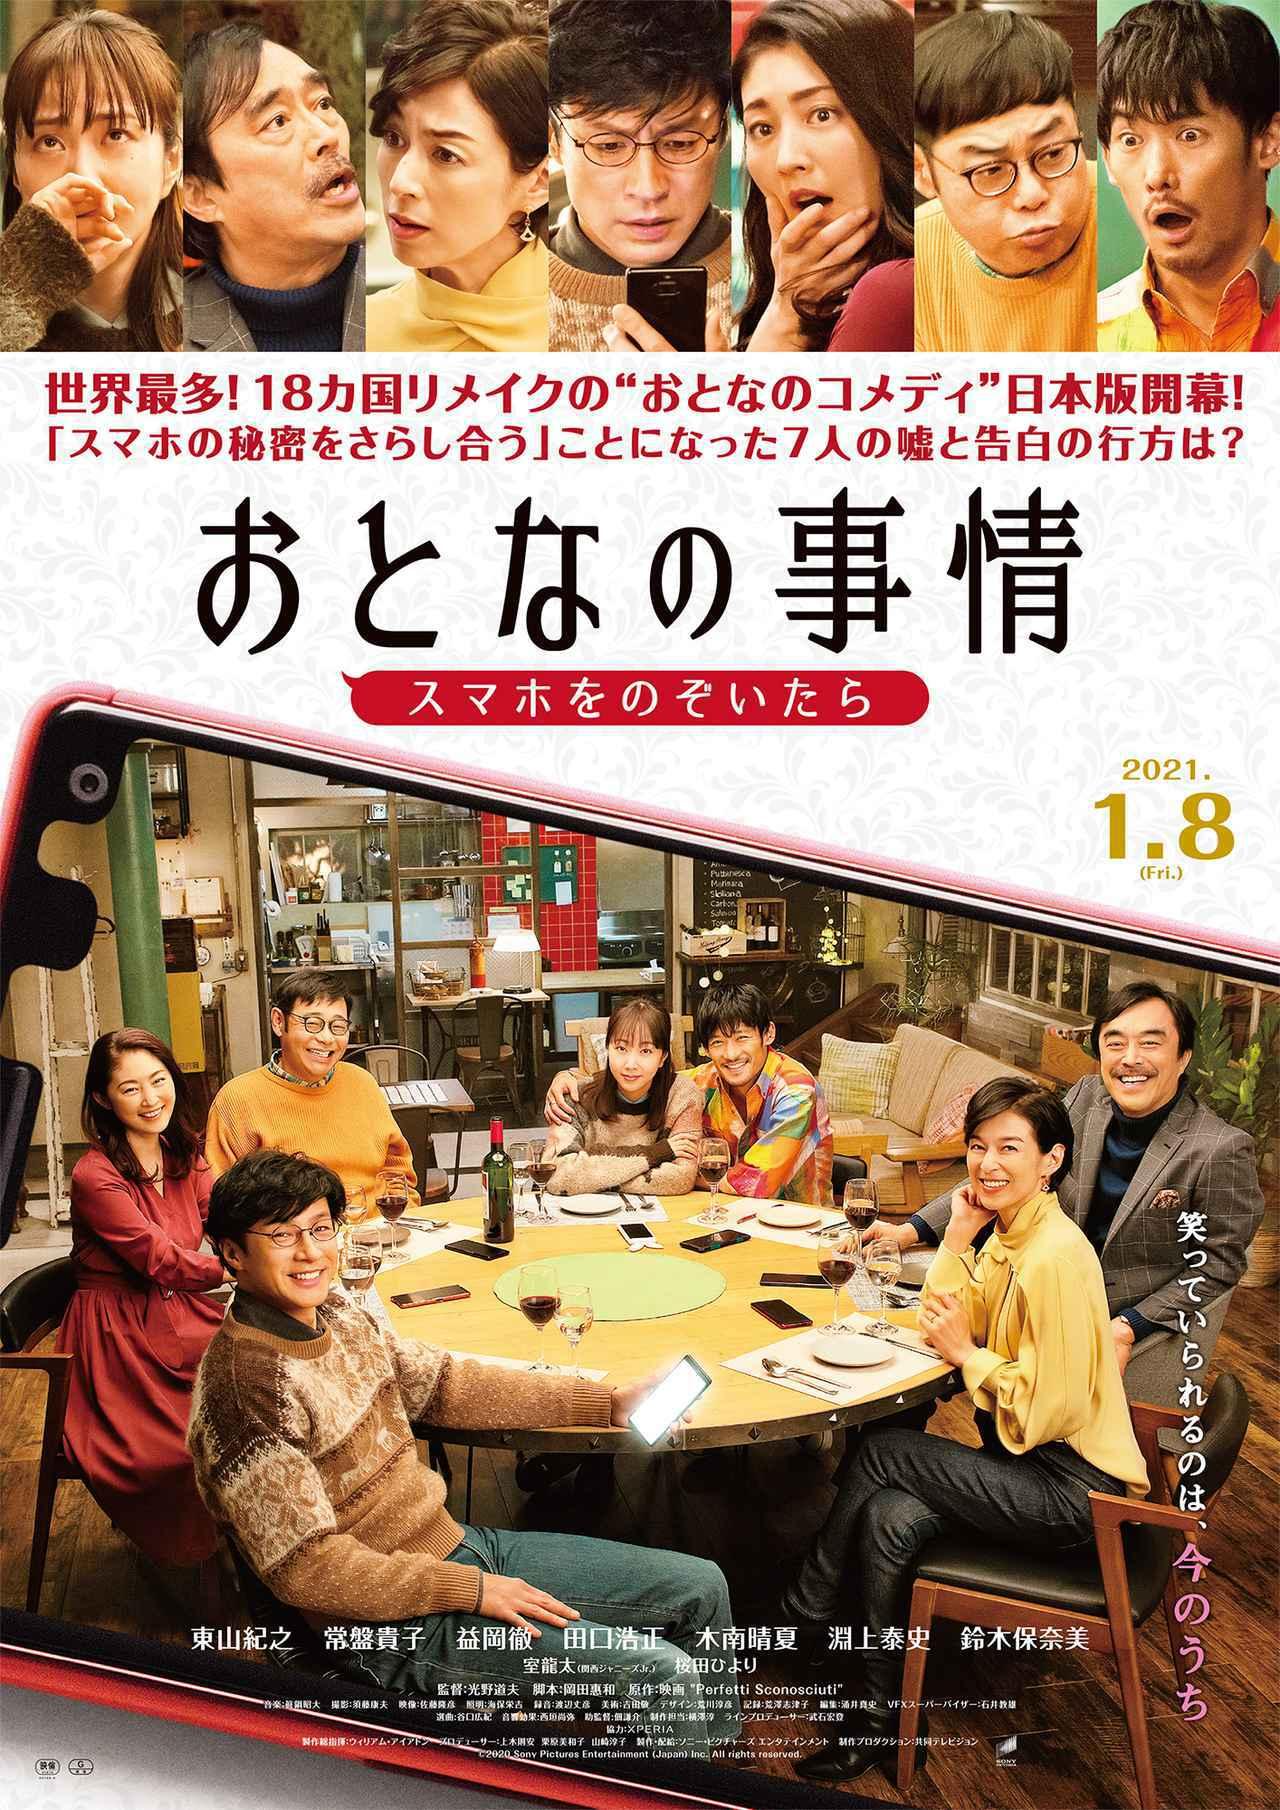 画像: (C) 2020 Sony Pictures Entertainment (Japan) Inc. All rights reserved.